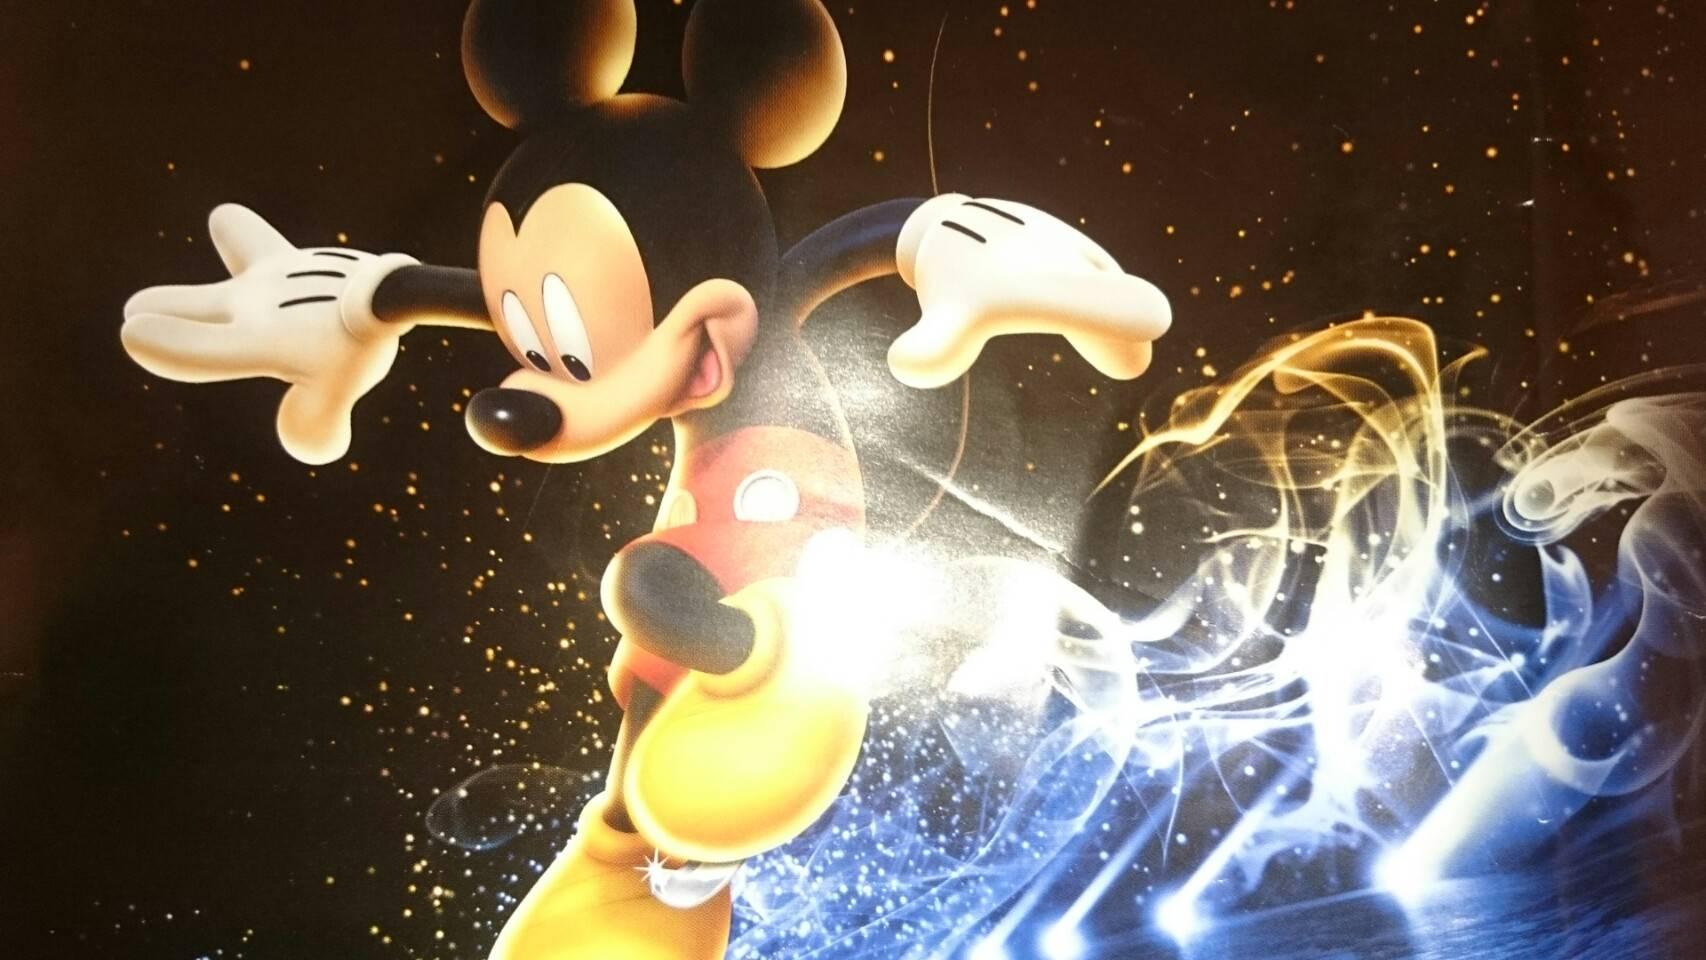 ディズニーオンアイス2018大阪公演の感想!2019公演のチケットや座席について公開